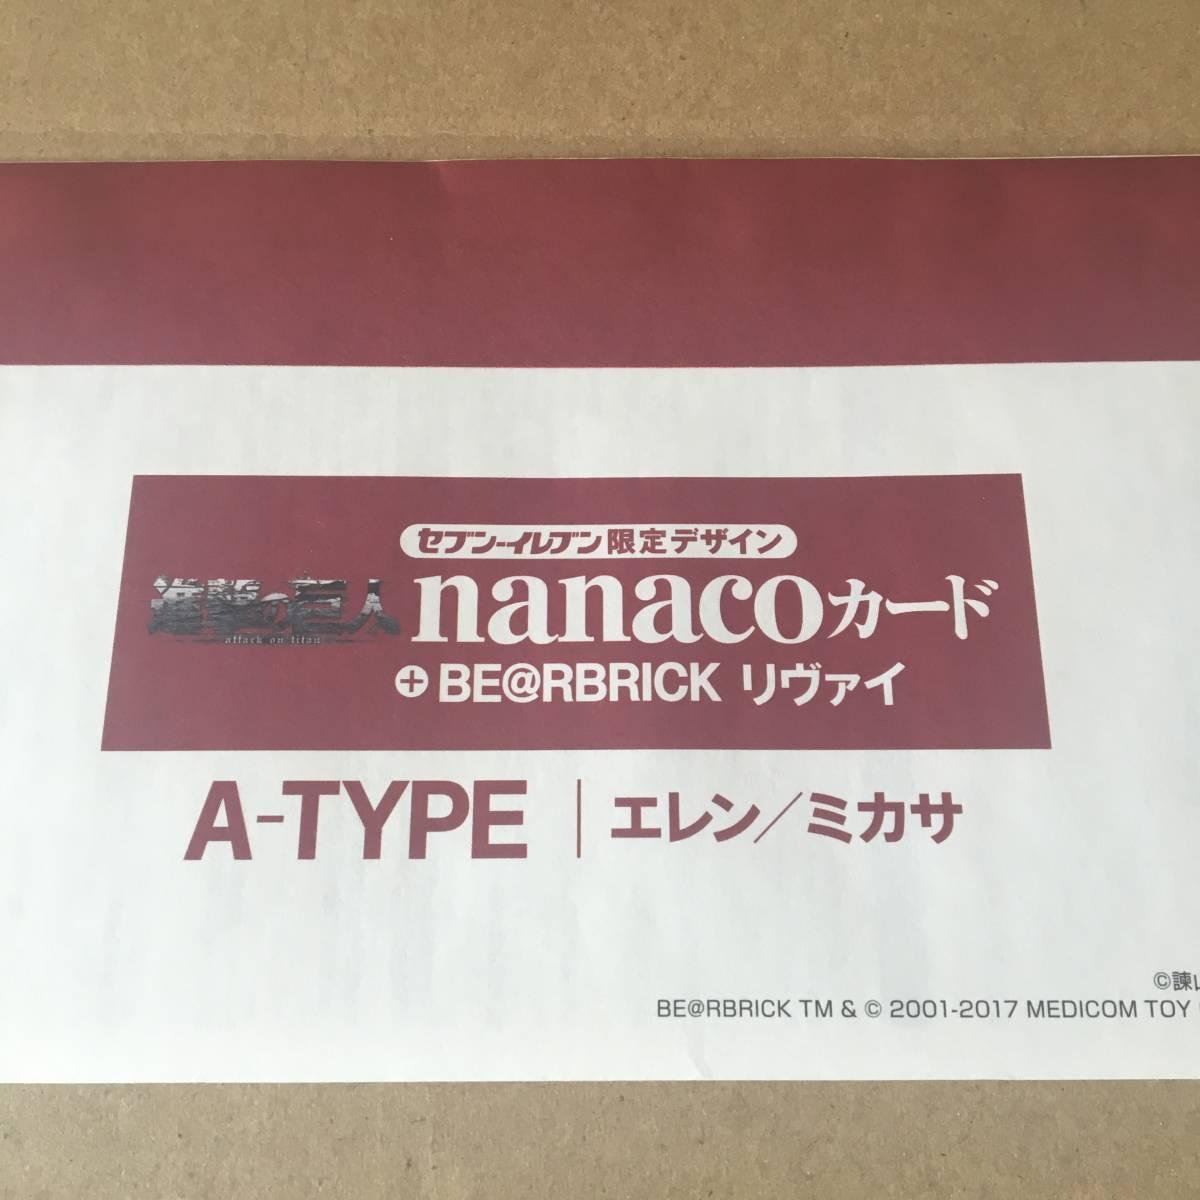 新品 進撃の巨人 nanacoカード Aタイプ エレン ミカサ_画像2